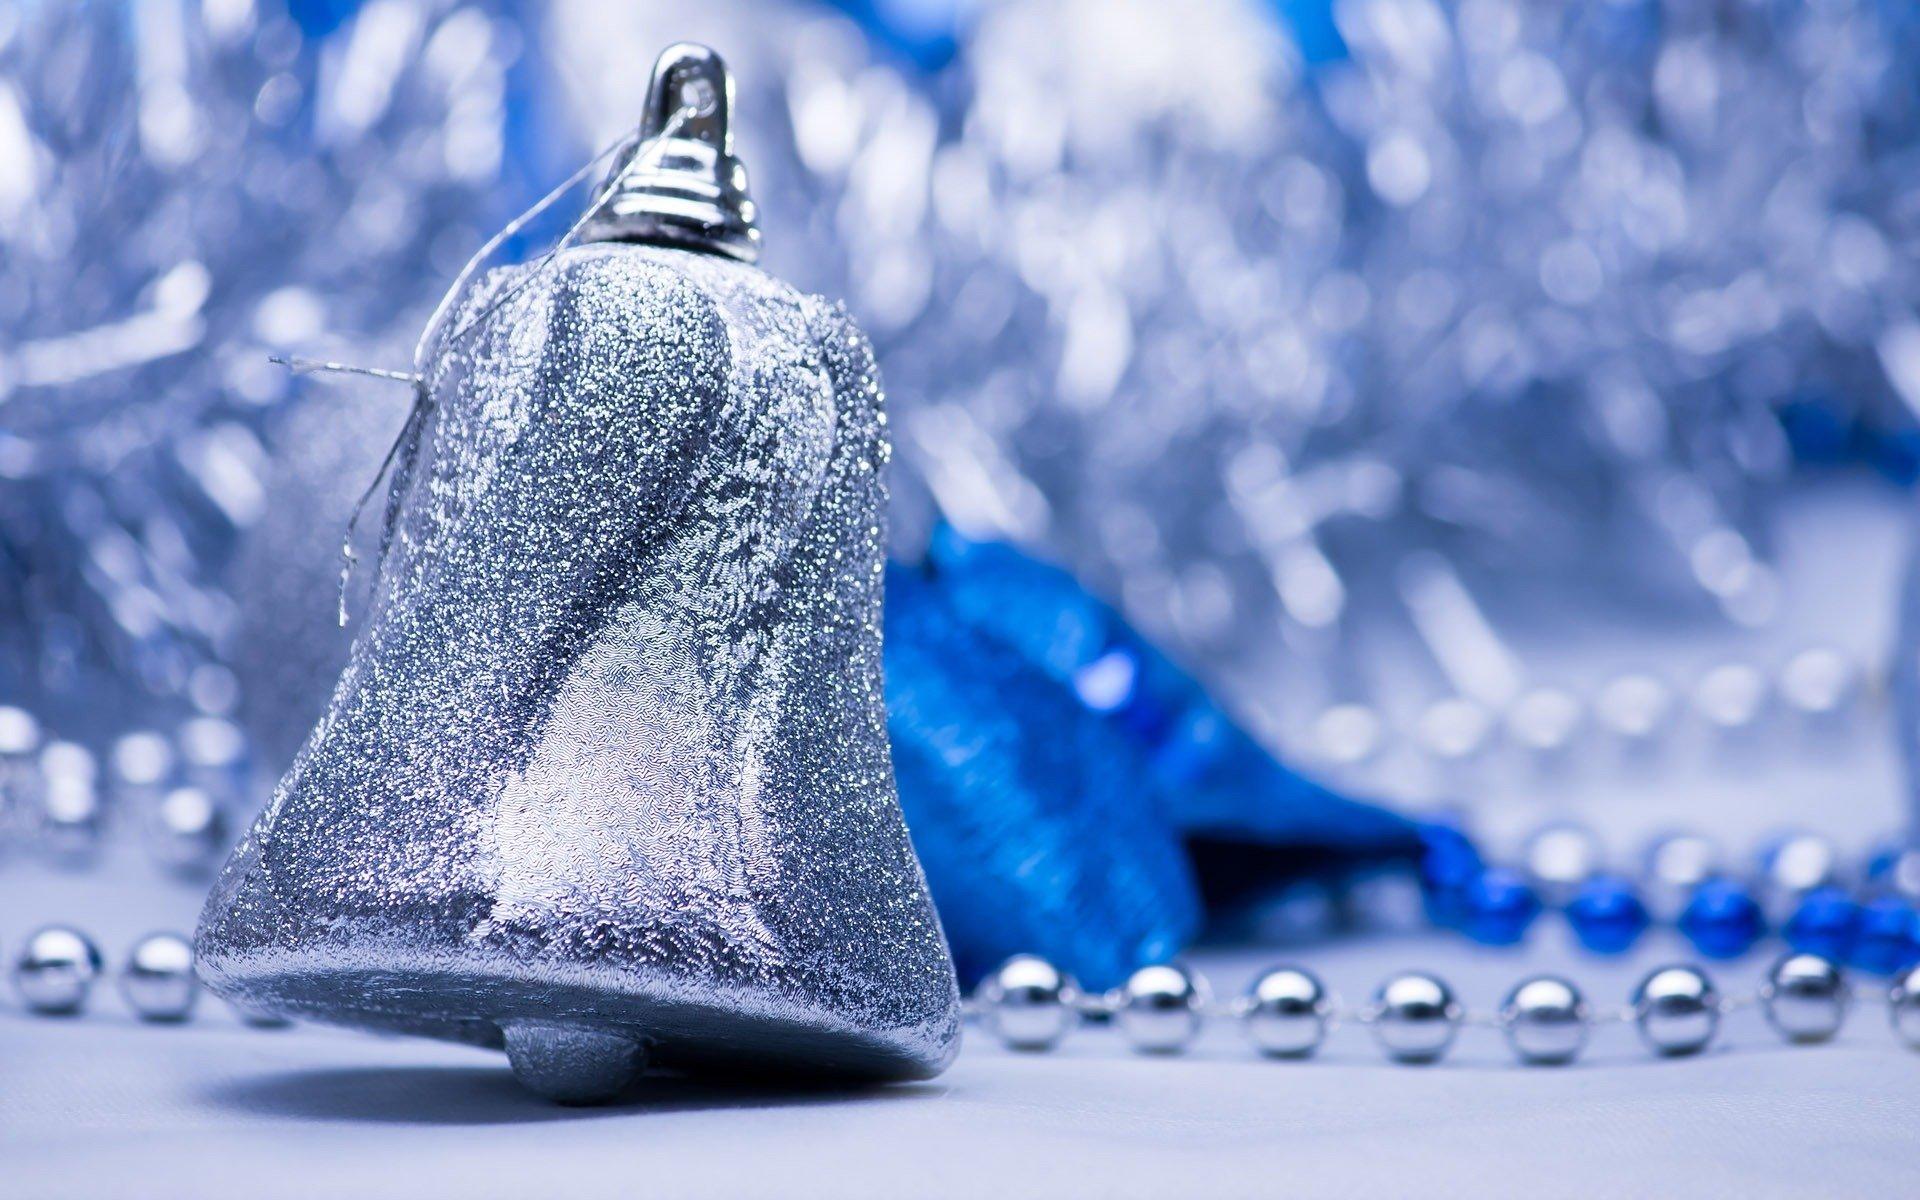 Сапоги новый год окно Boots new year window  № 2639495 загрузить